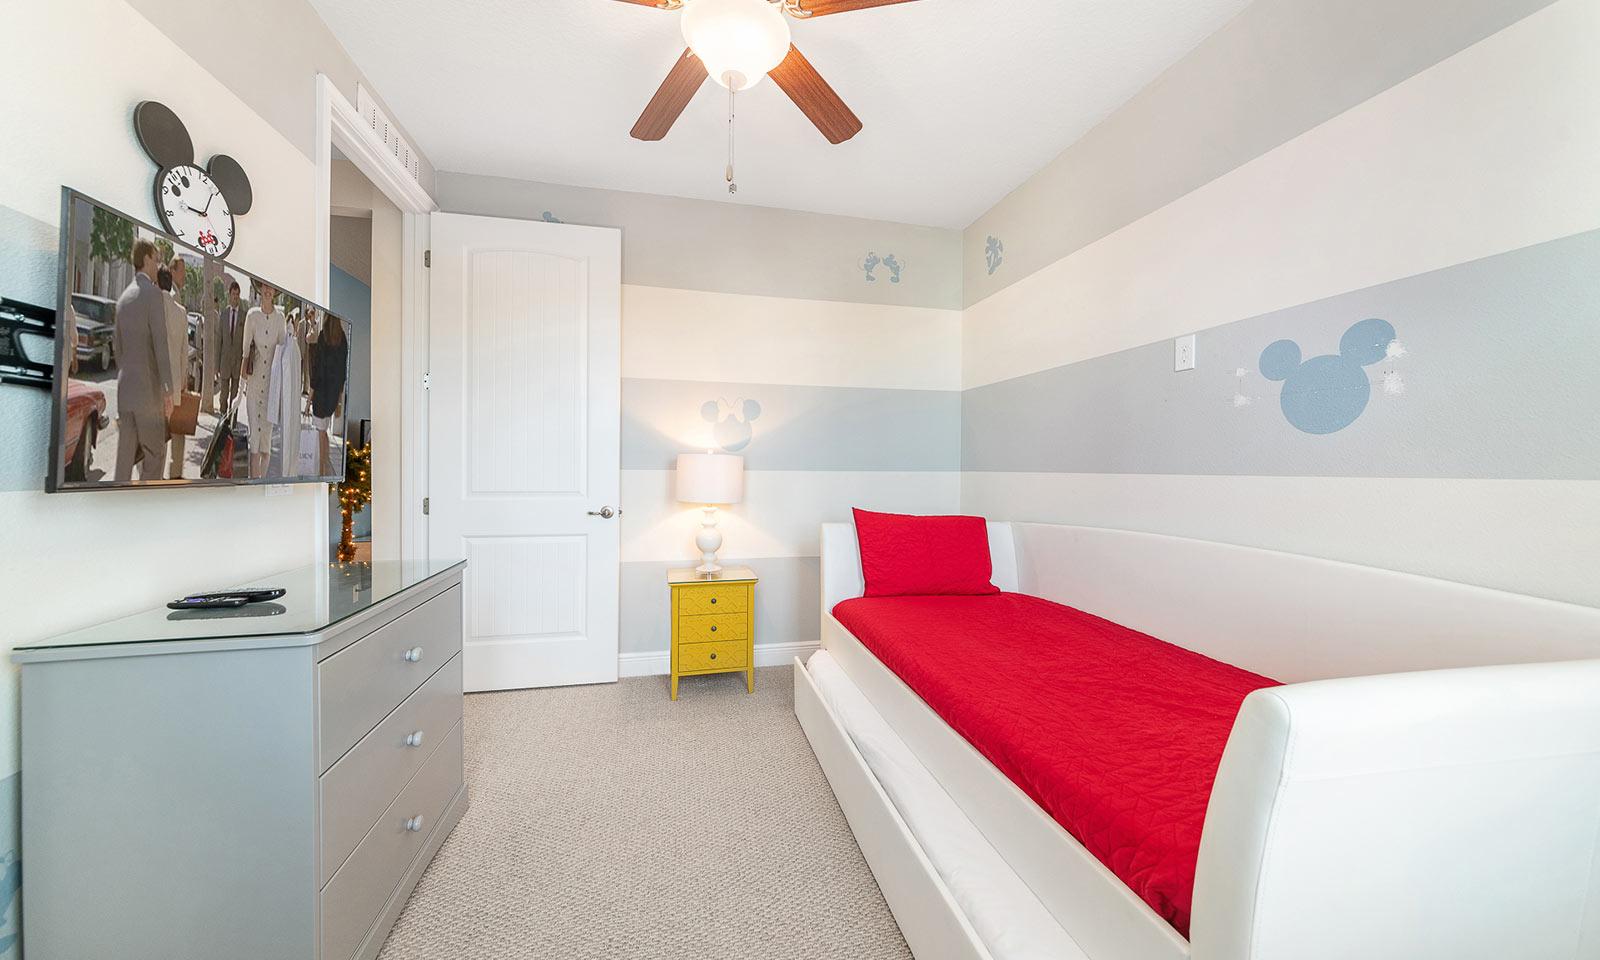 [amenities:children's-bedroom:1] Children's Bedroom